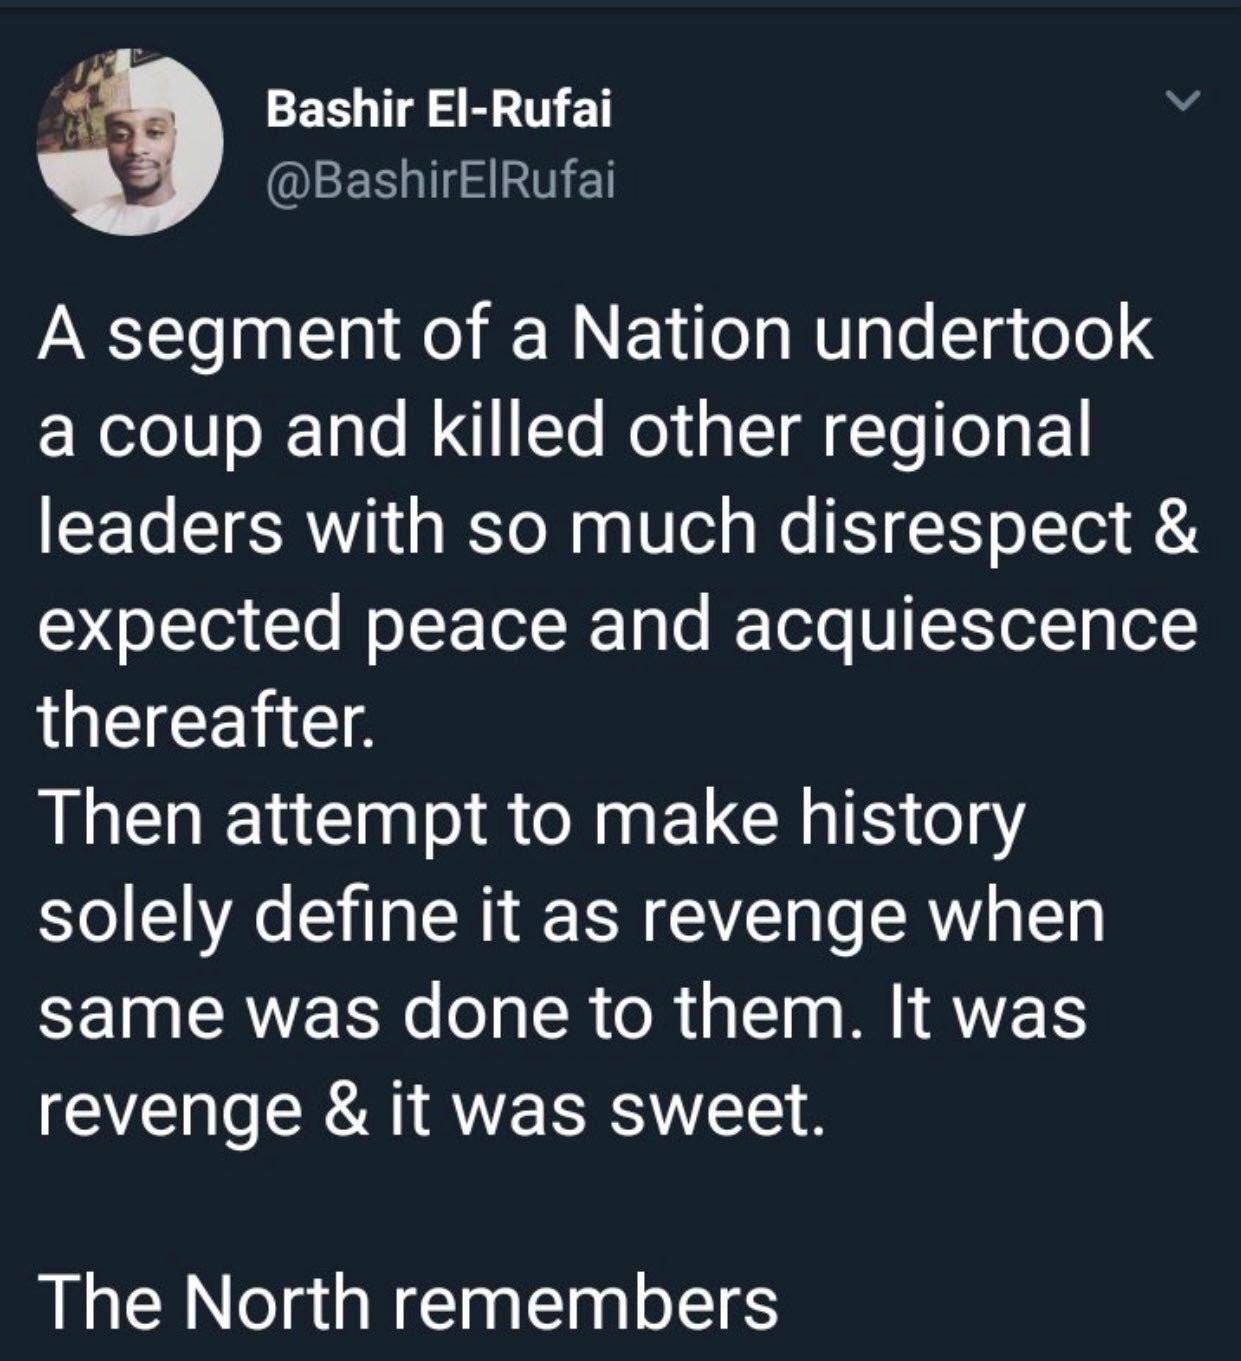 Bashir El Rufai apologises for describing the